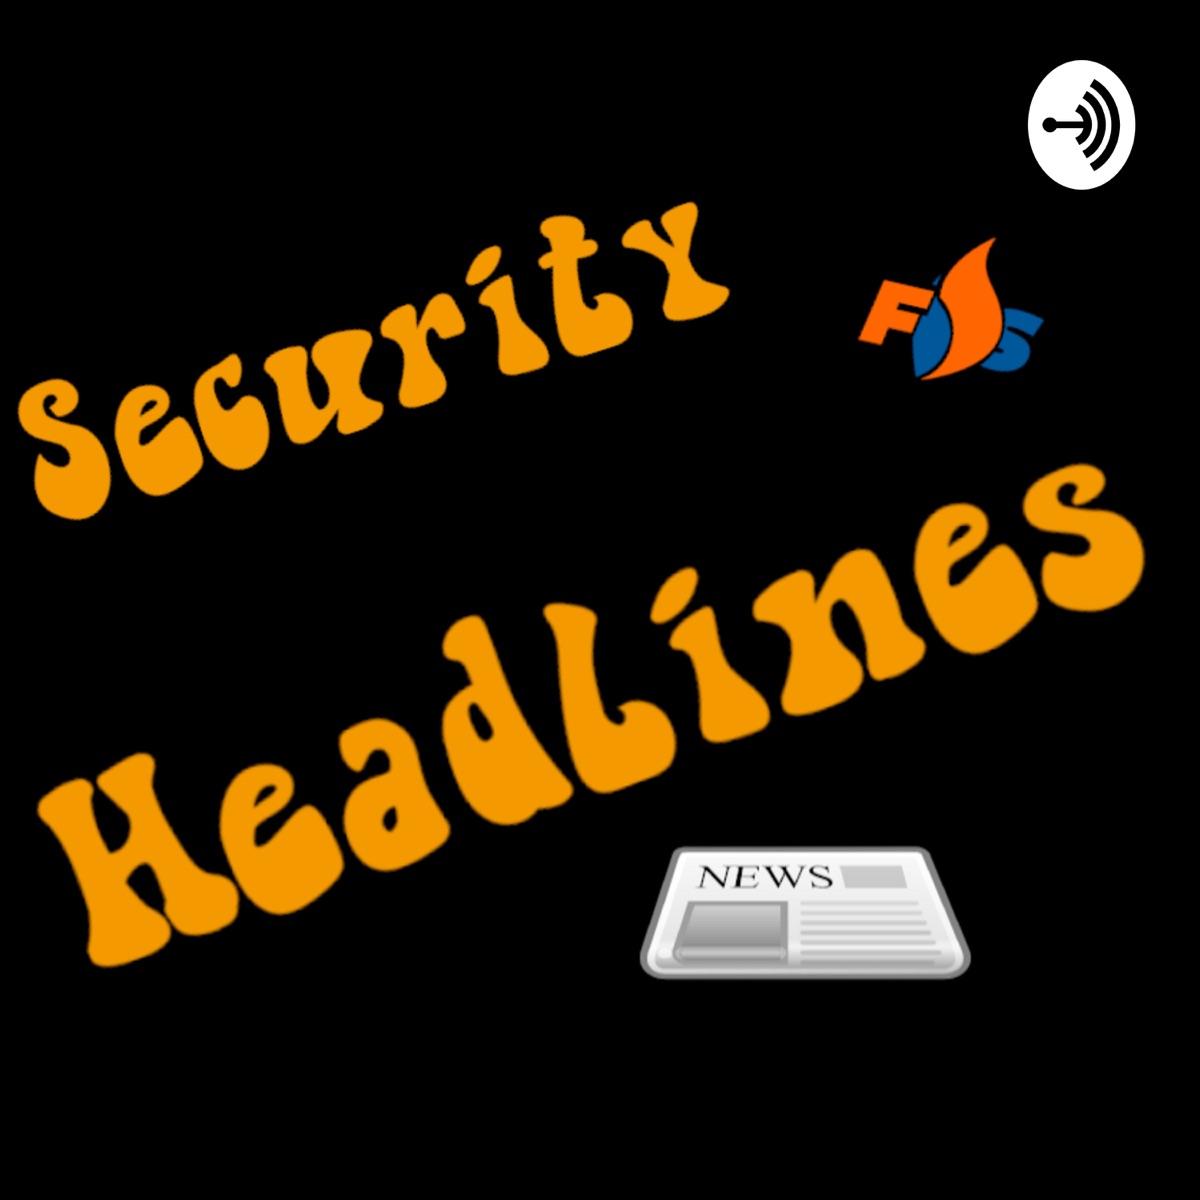 Security Headlines